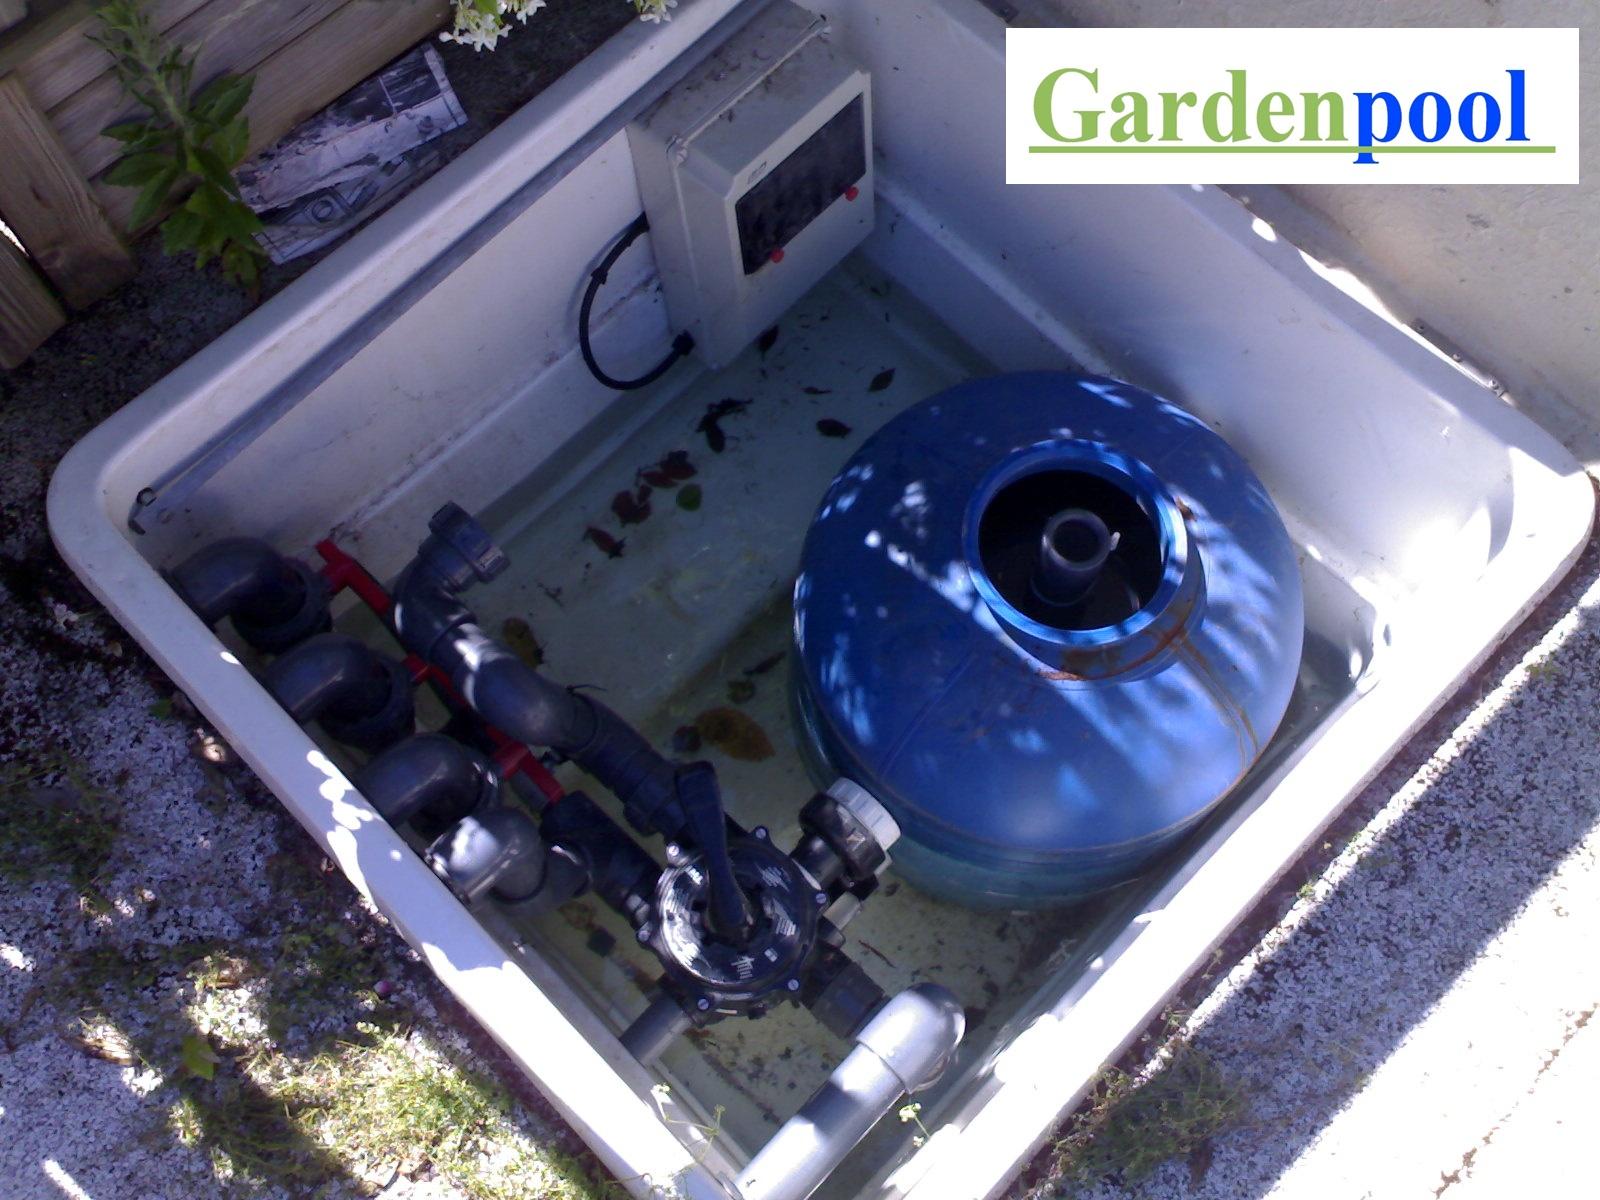 Filtracion para piscinas madrid gardenpool for Descuidos en la piscina